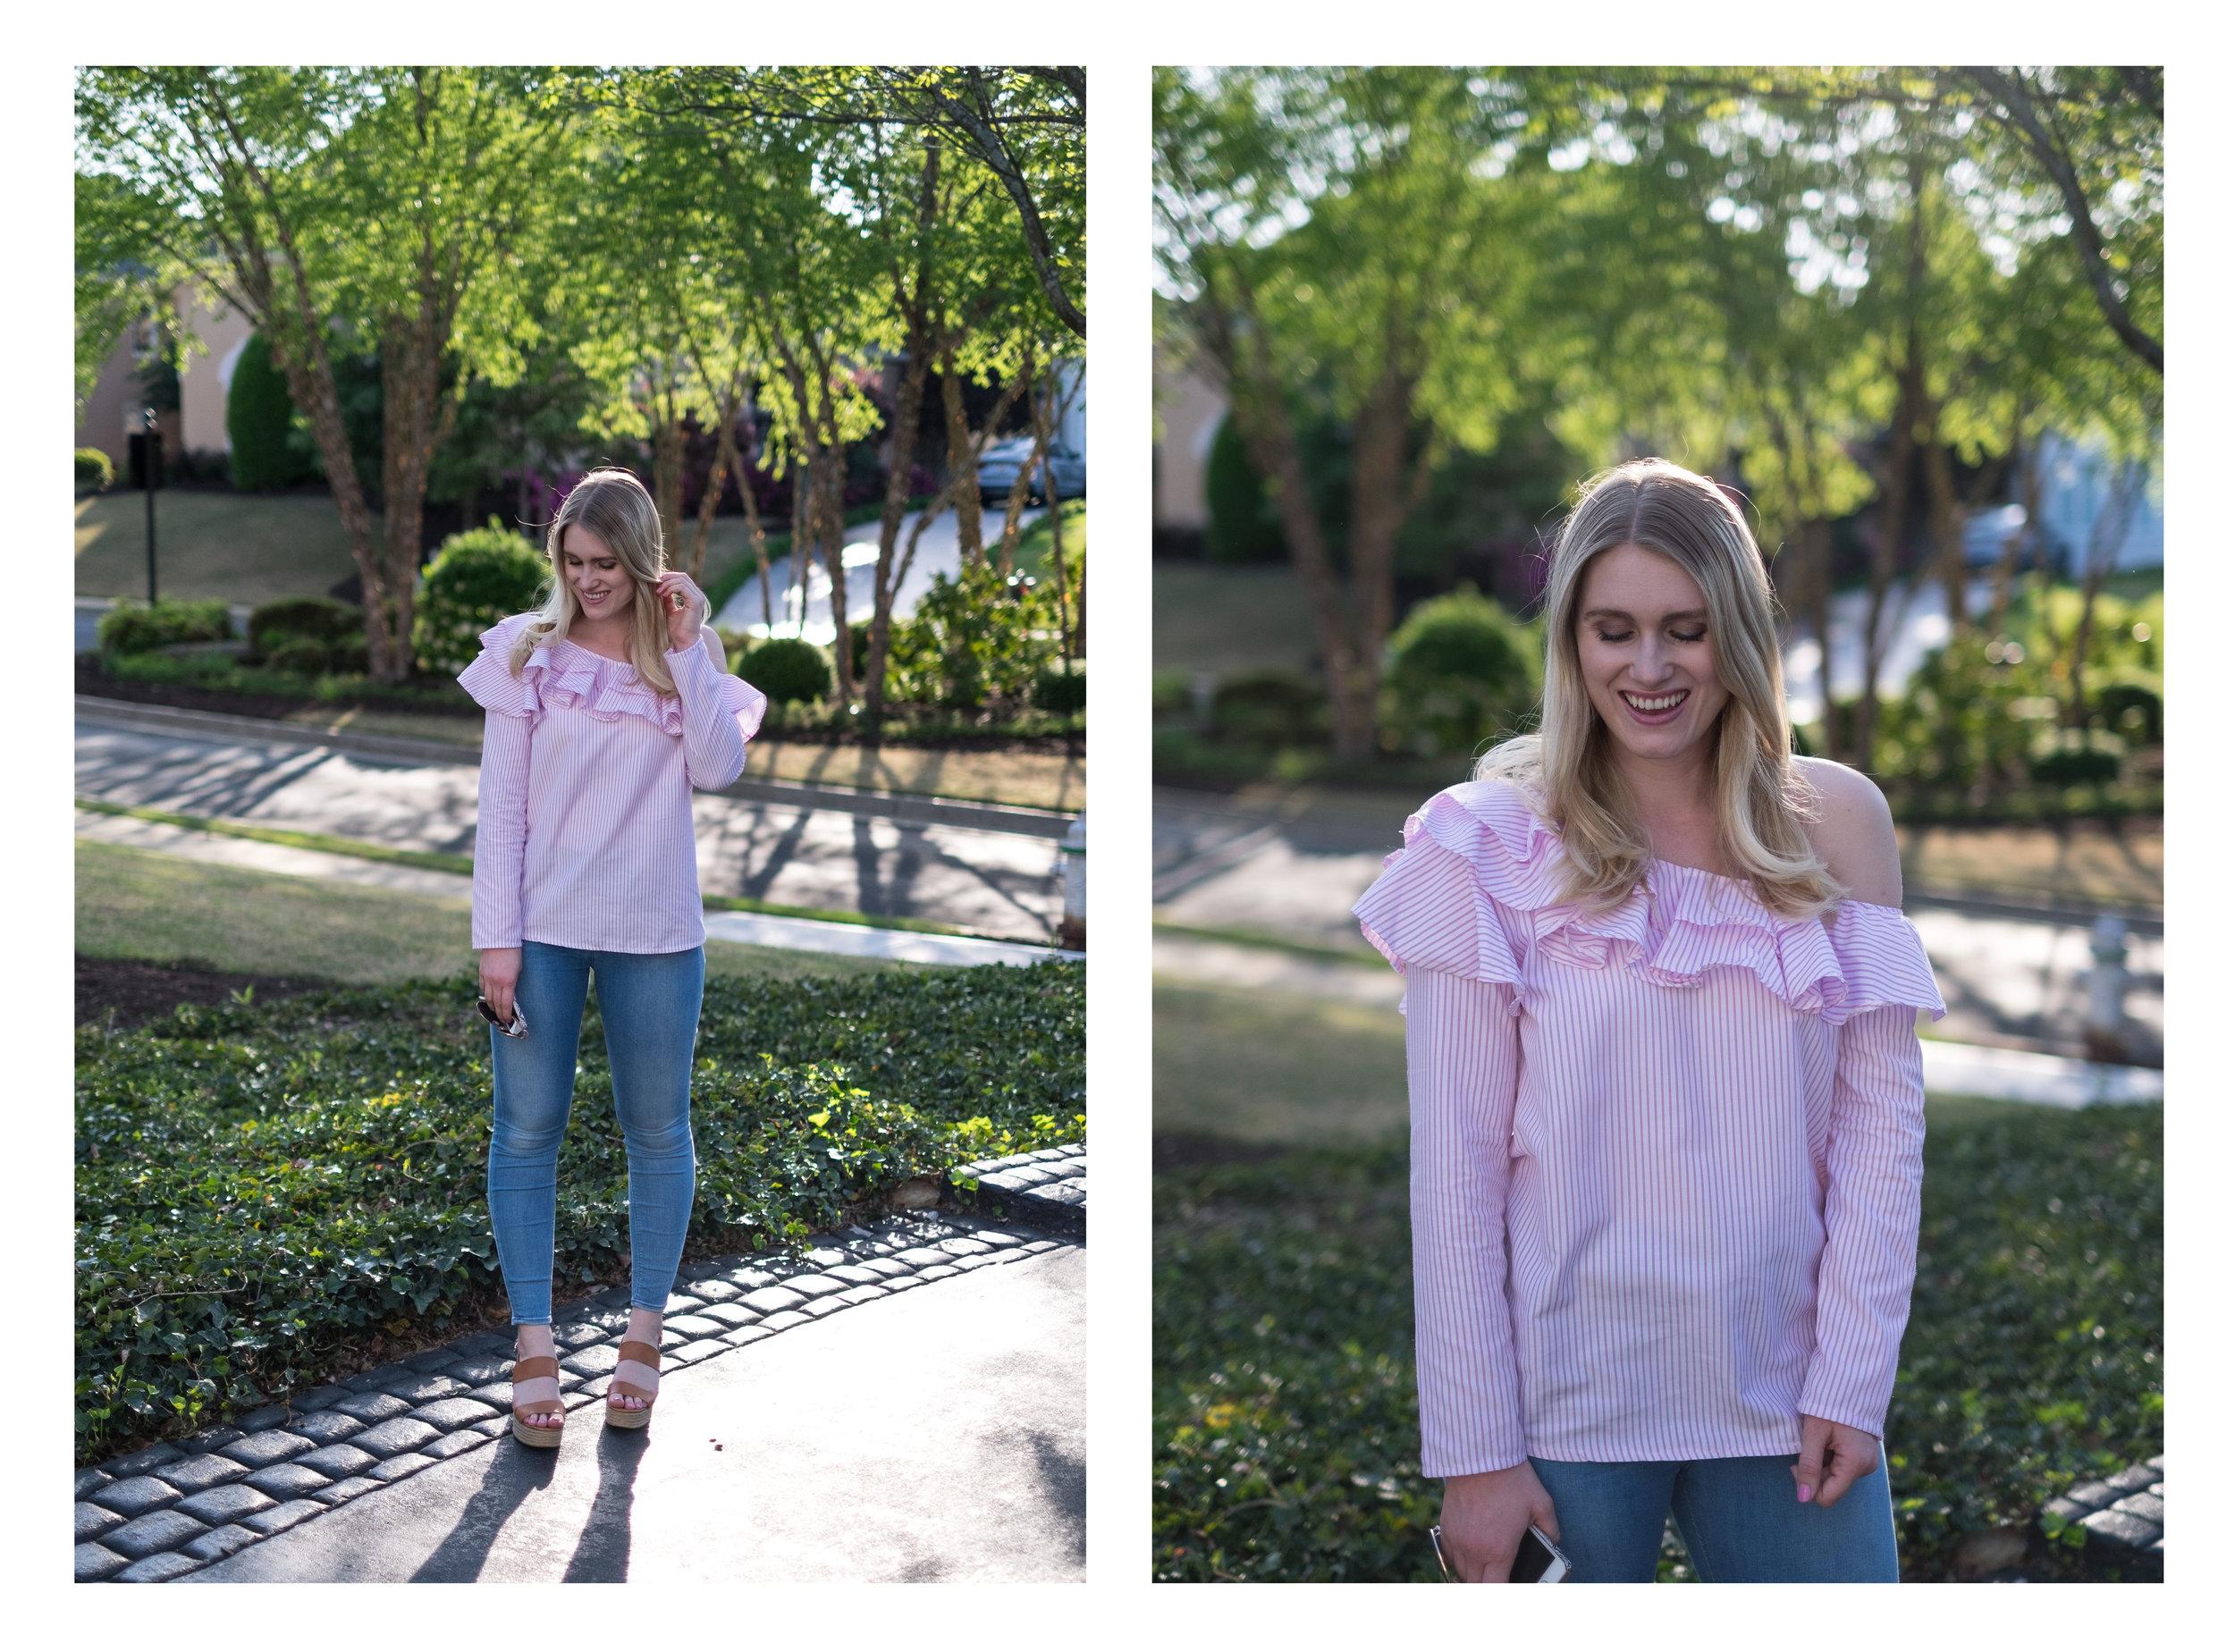 Easter Outfit Olivia Vranjes 2017 107.jpg